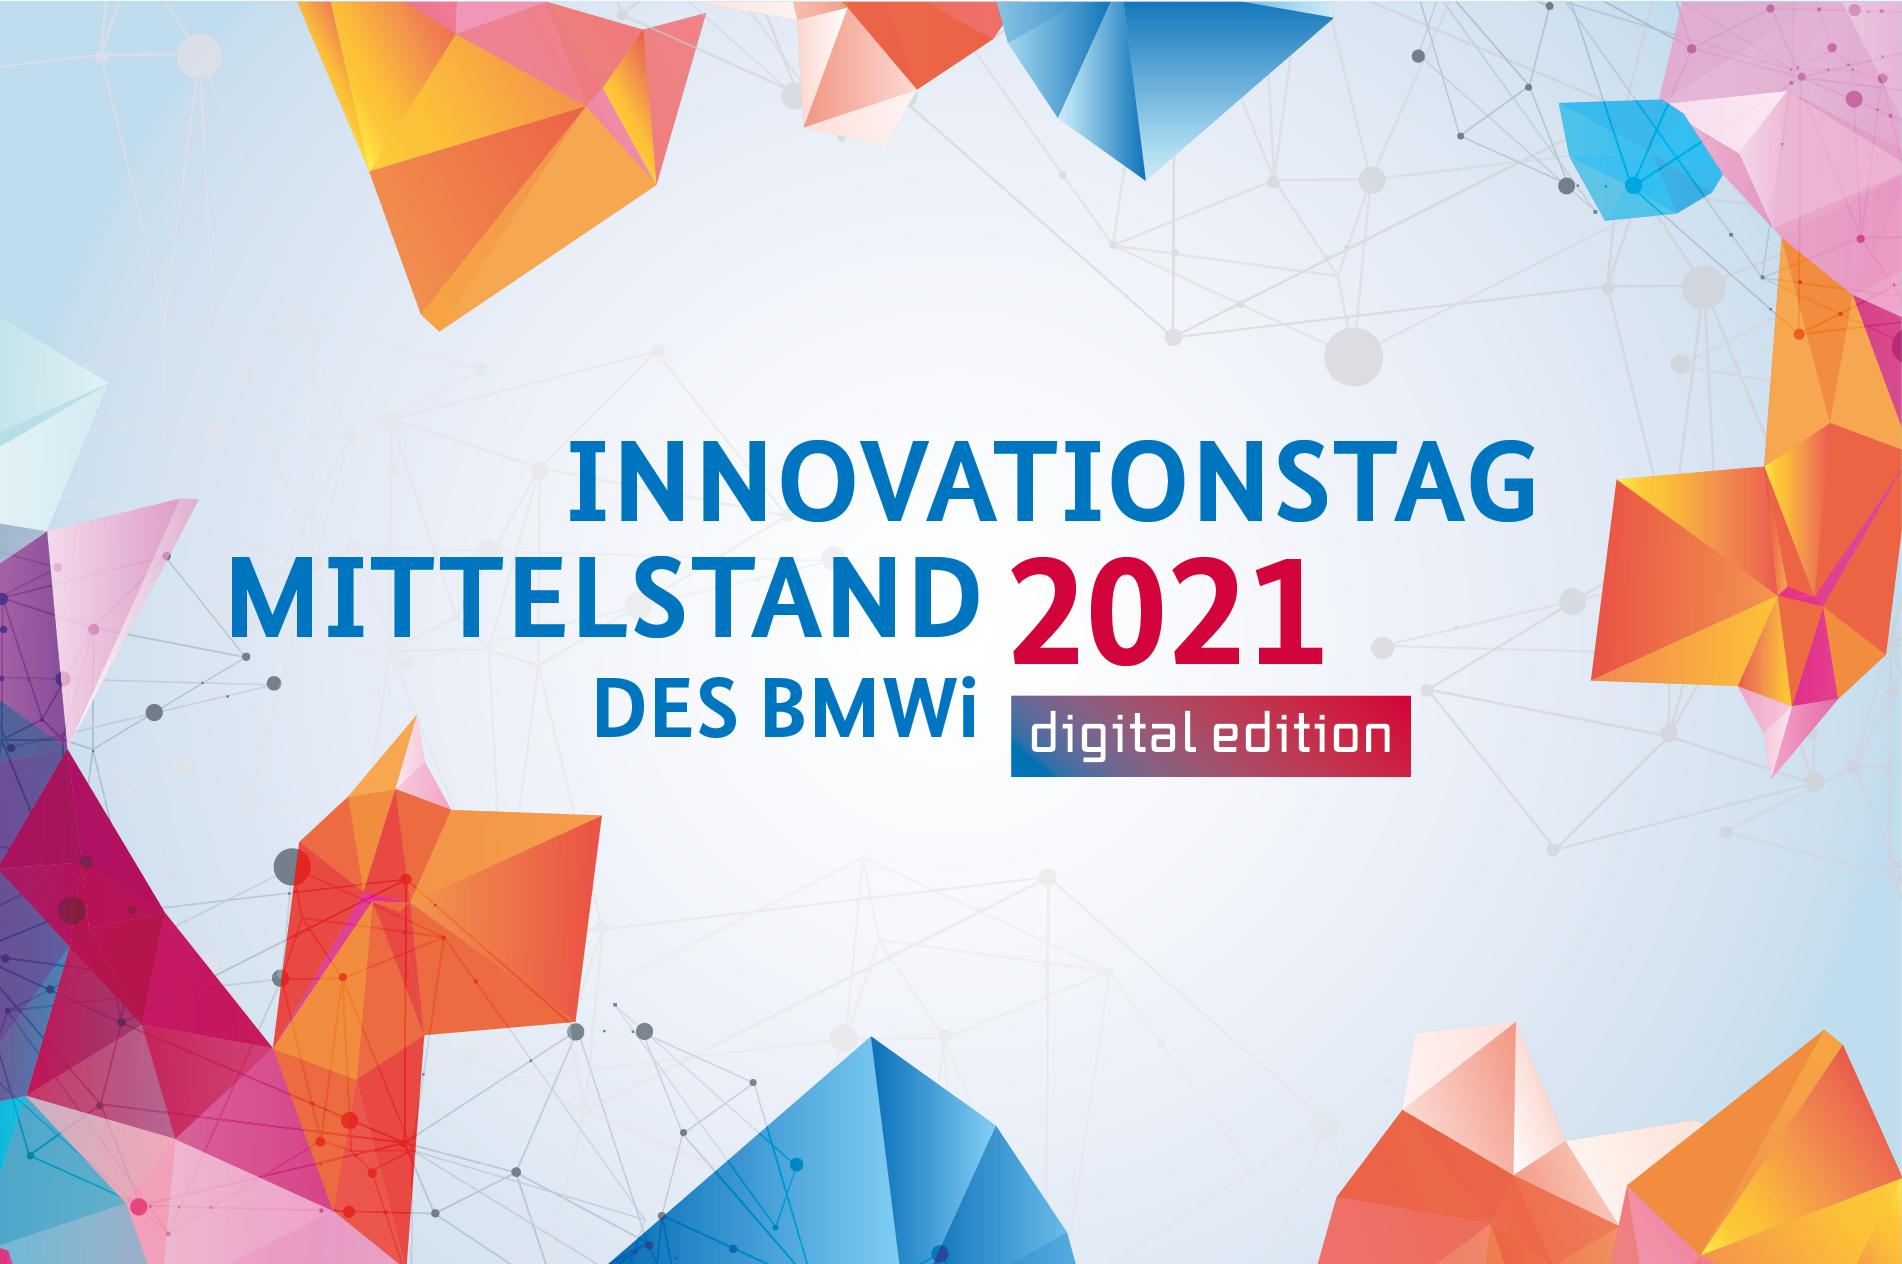 Innovationstag Mittelstand des BMWi 2021